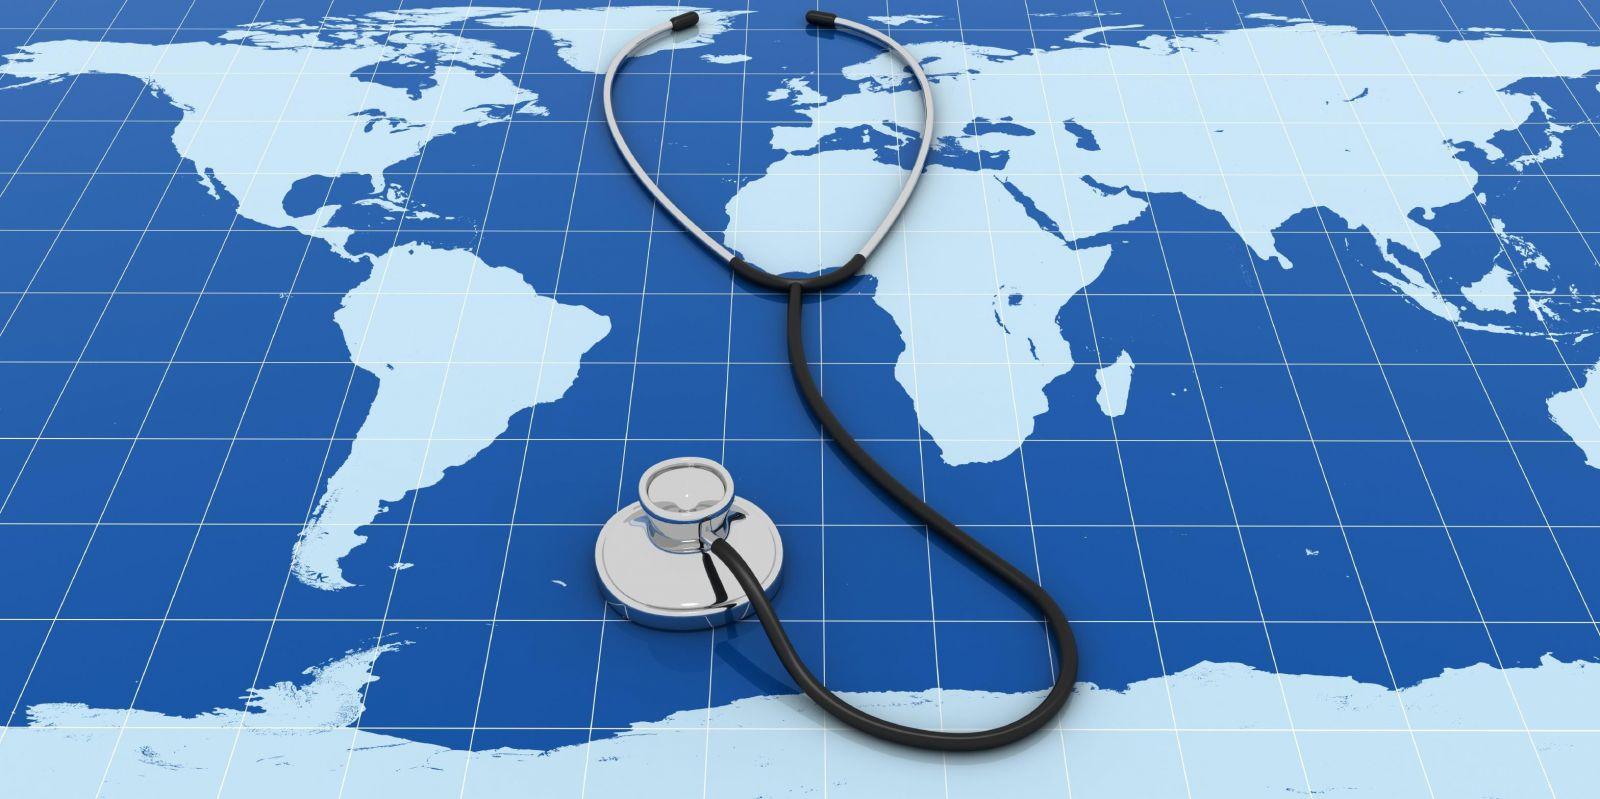 Современный и практичный Интернет-ресурс для тех, кто хочет получить качественное лечение